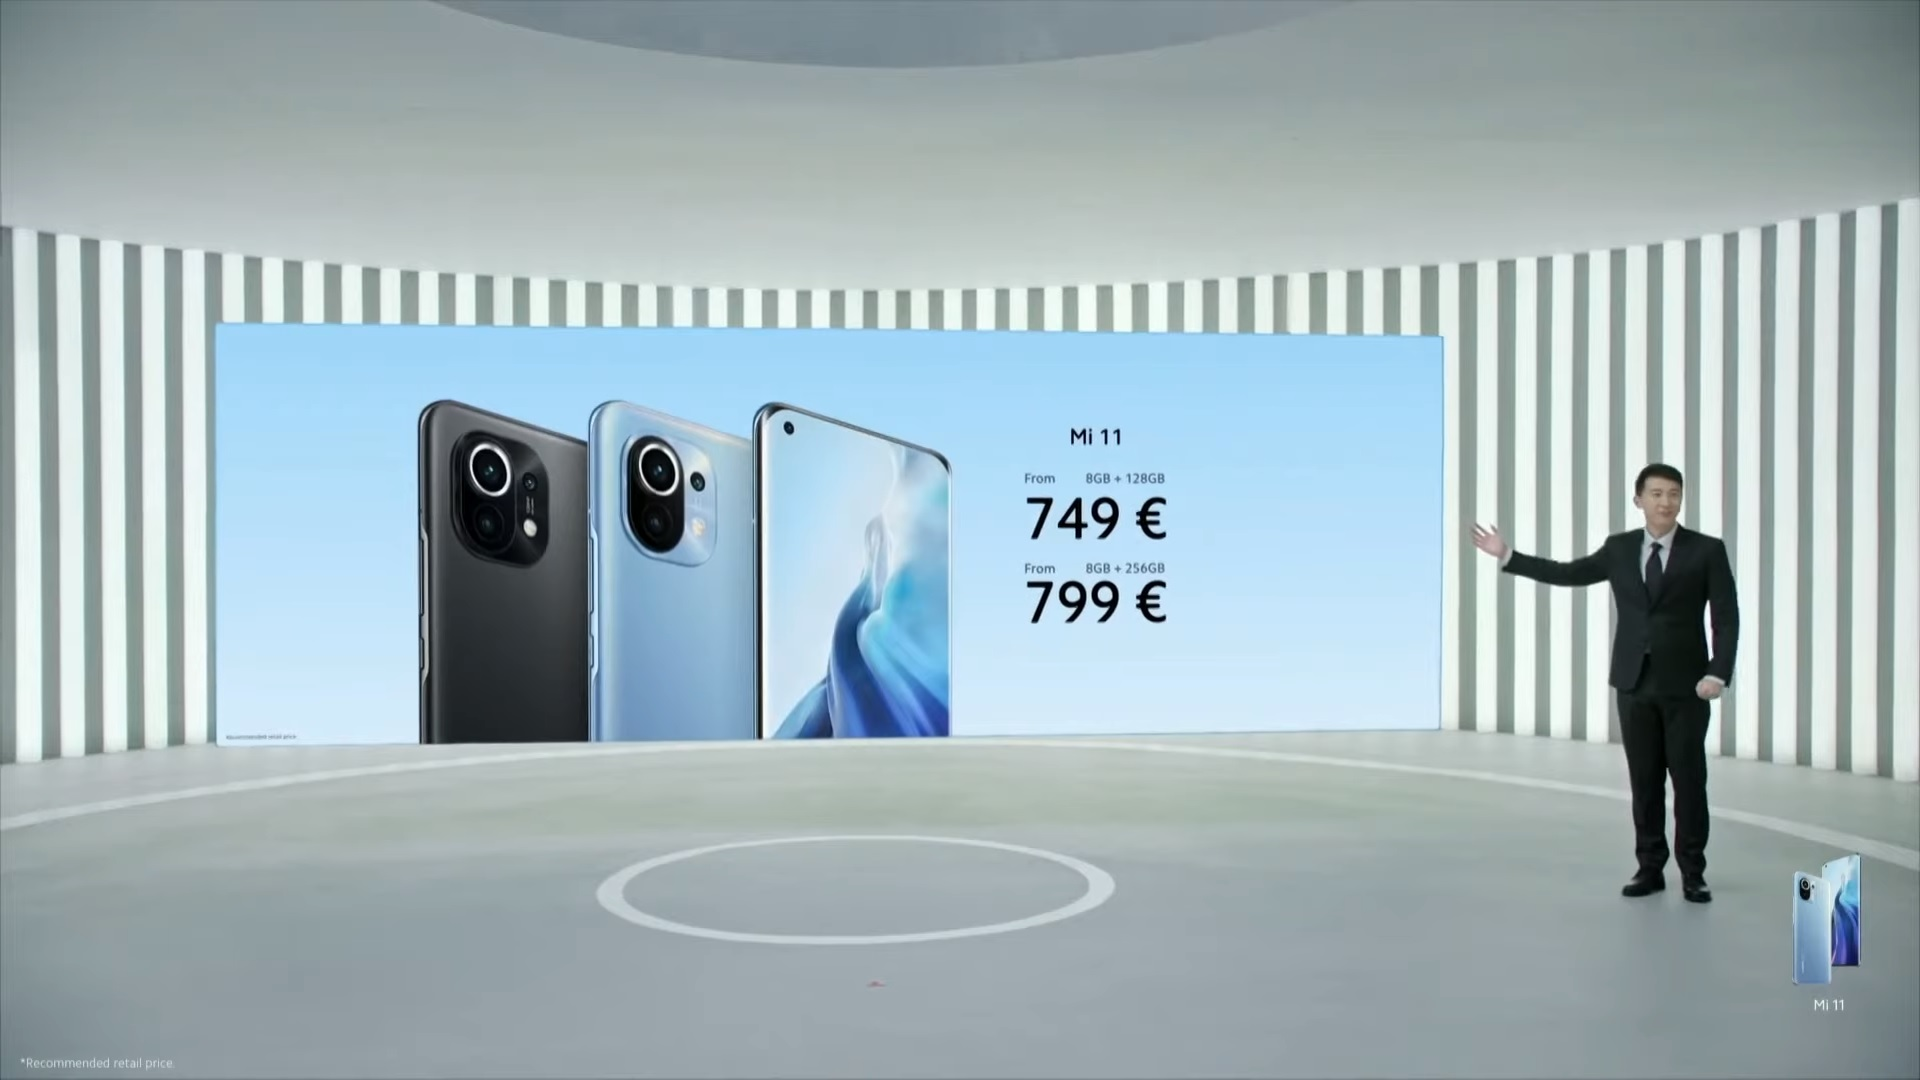 Xiaomi Mi 11 ceny w Europie